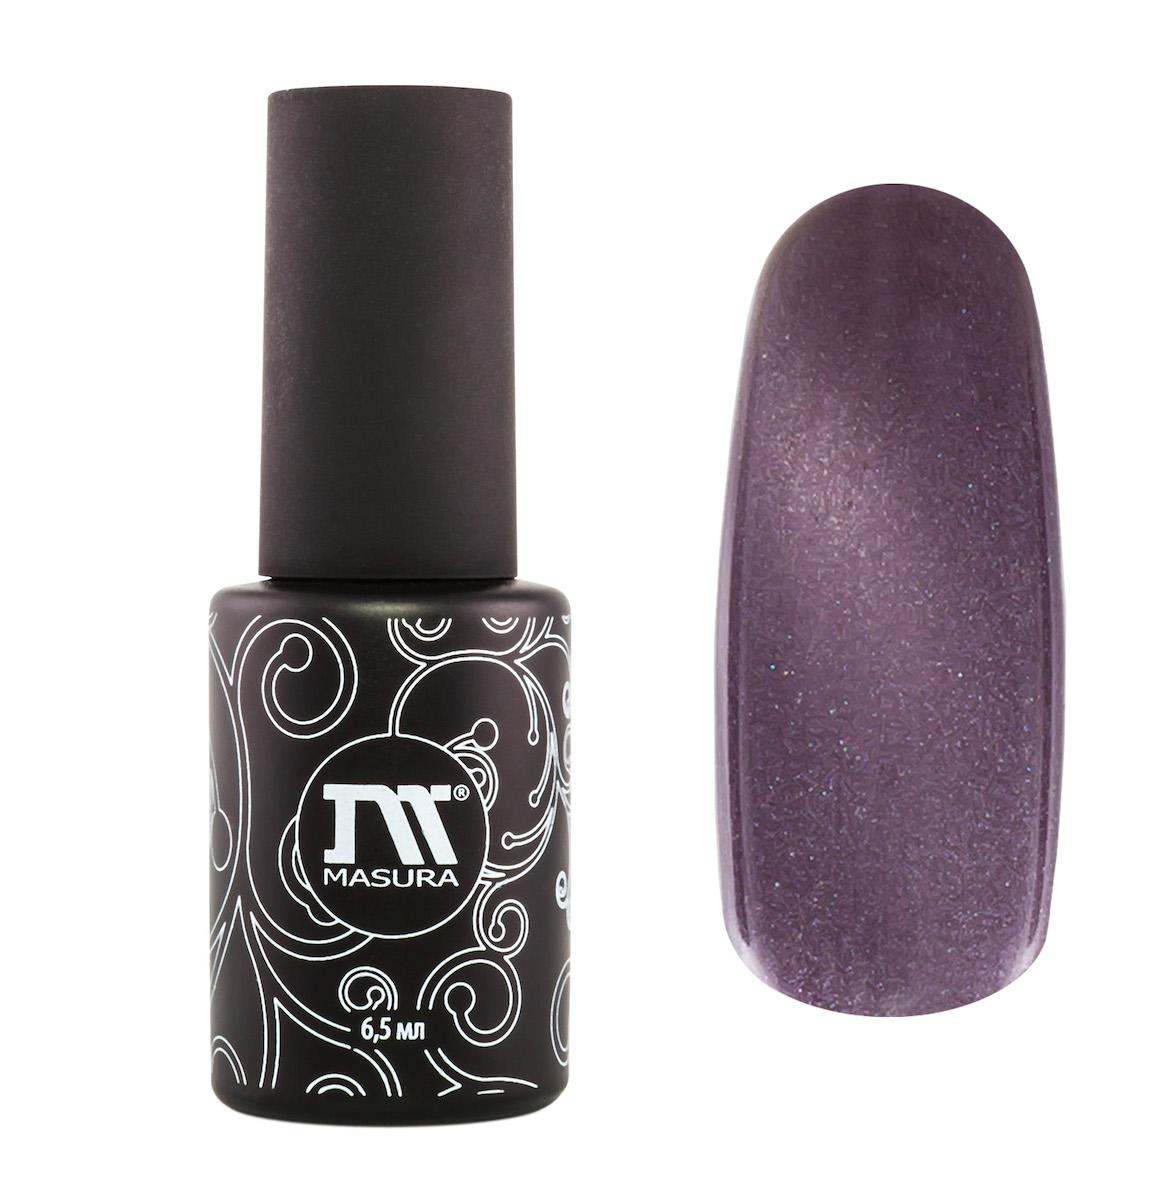 Masura Гель-лак Перстень Розовый Графф, 6,5 мл295-12дымчато-розовый с малиновым подтоном, с зеркальным переливом, плотный